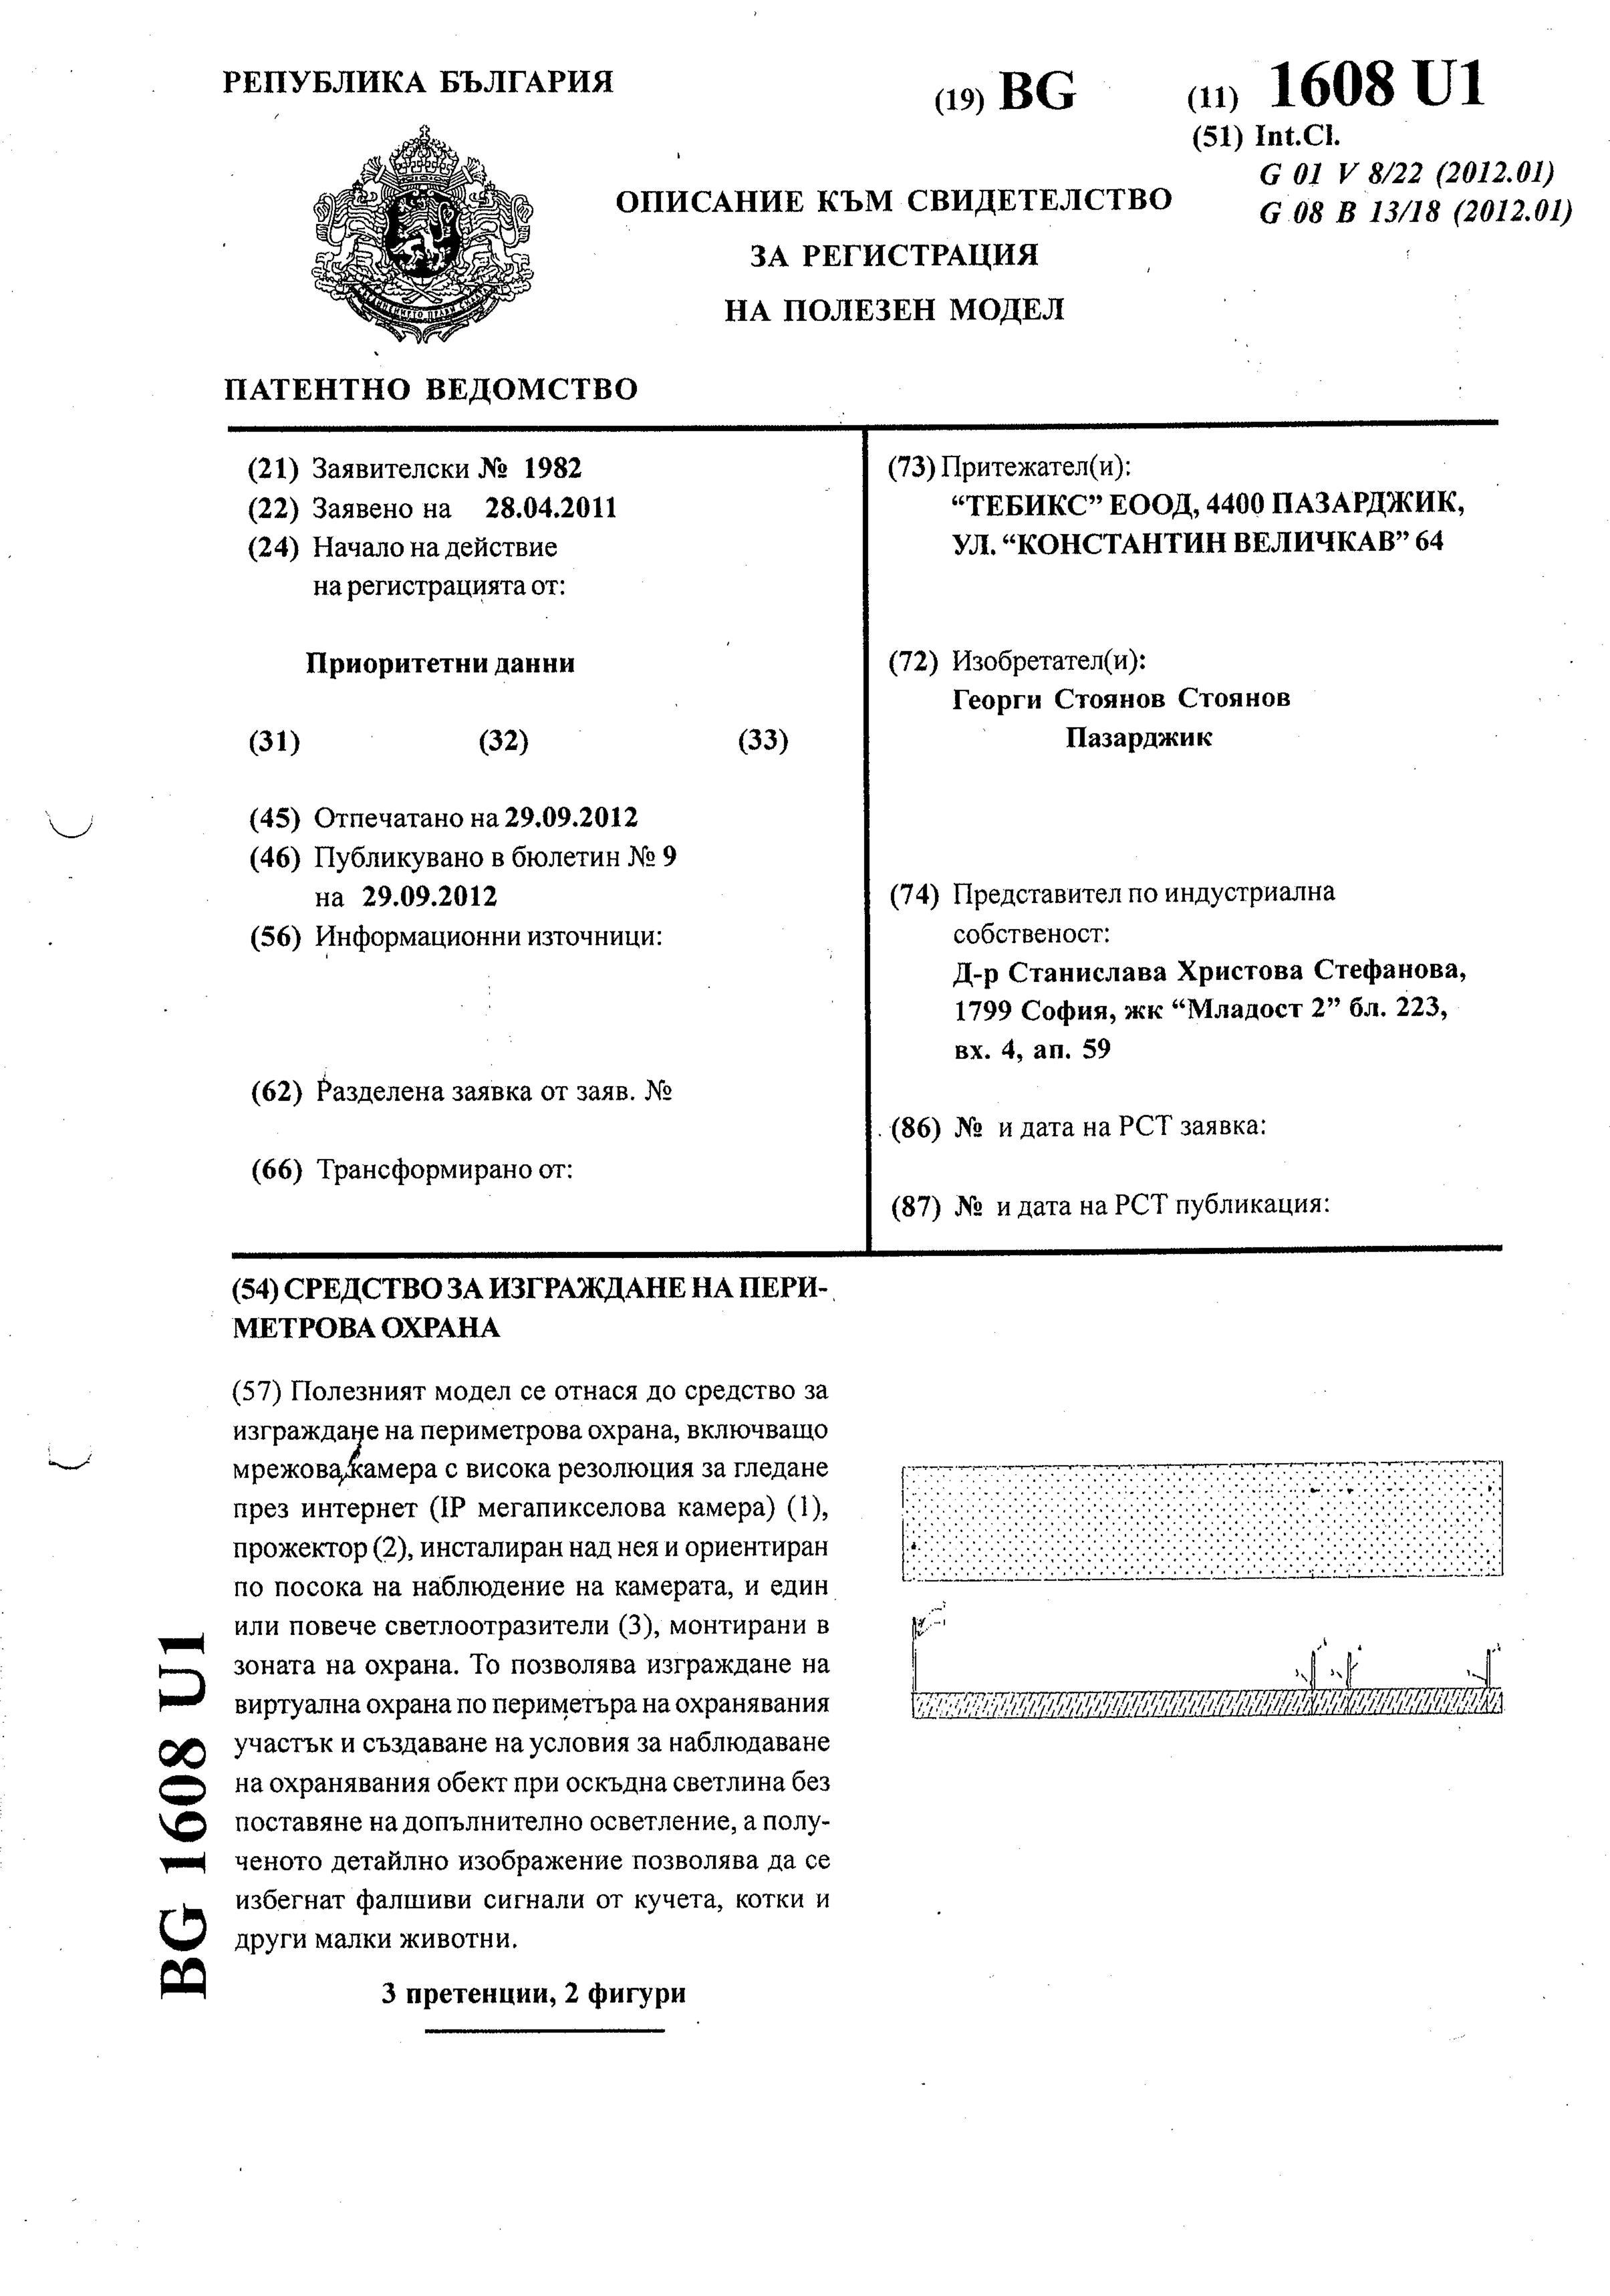 Свидетелство за регистрация на полезен модел